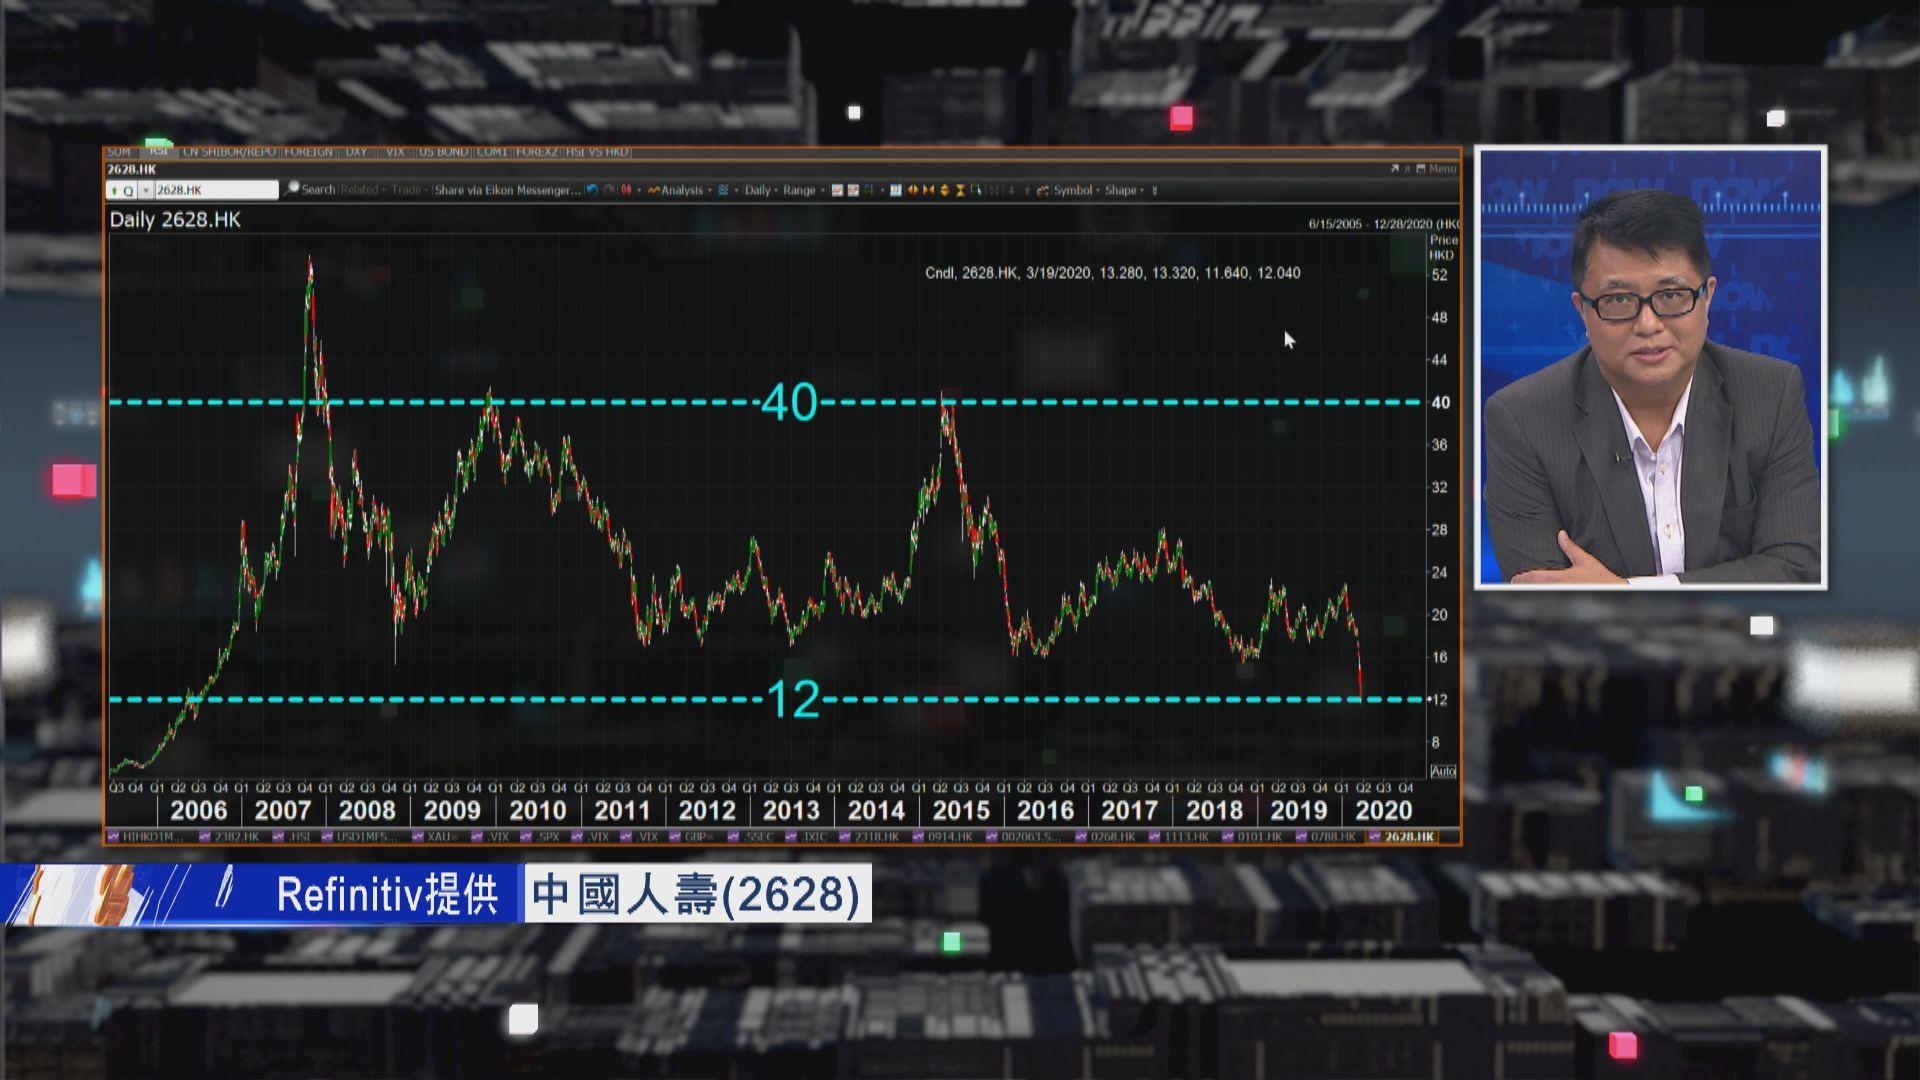 【財經TOP SEARCH】跌市基金套現壓力增 國壽捱沽